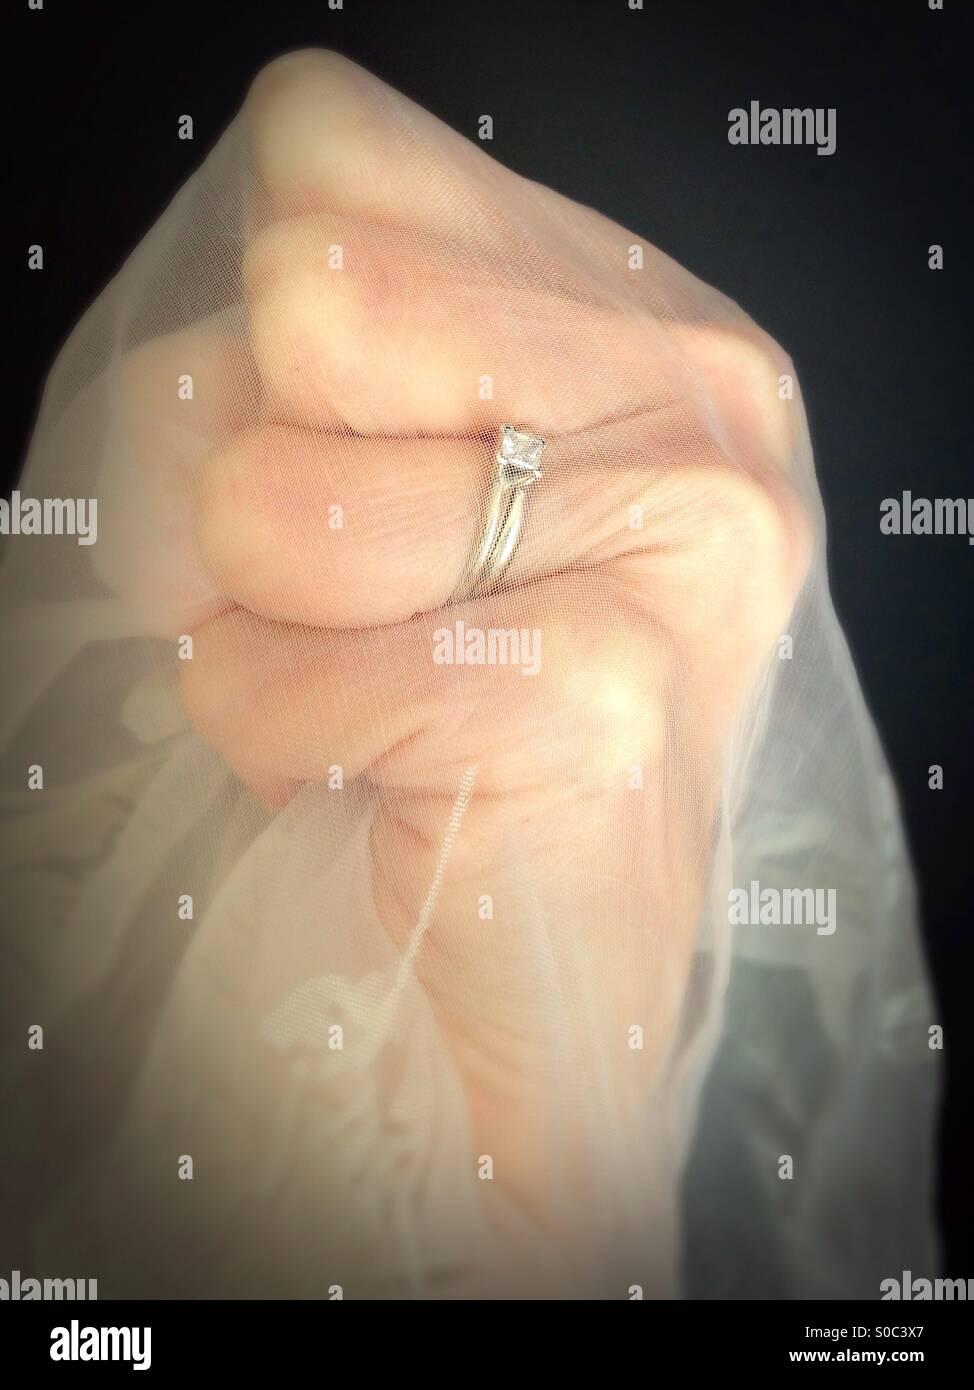 Un puño apretado usando un anillo de bodas, y agarrando pura gauzy tejido. Imagen De Stock